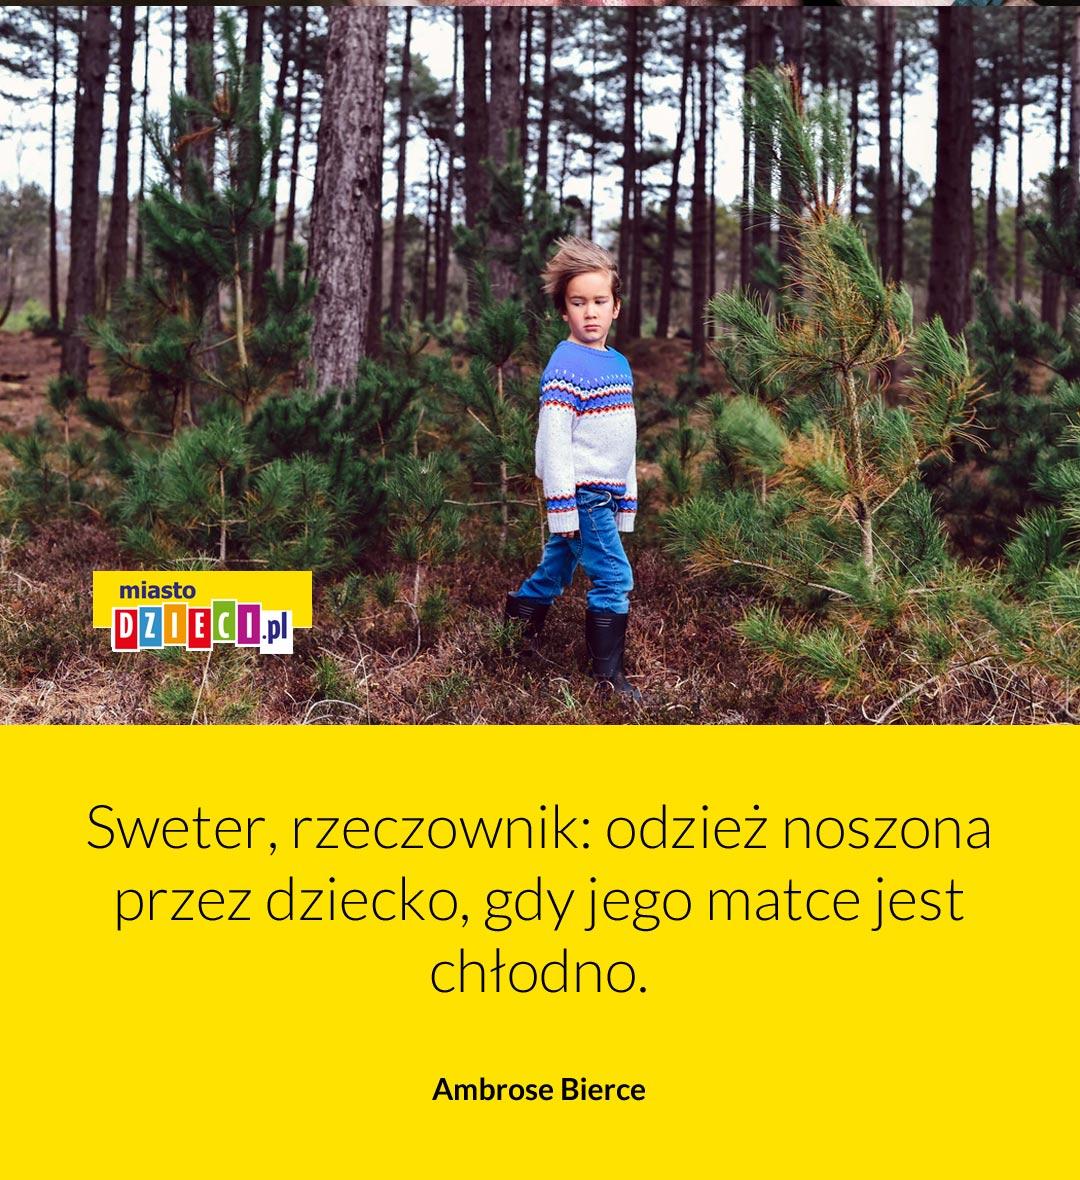 Śmieszne cytaty na dzień Dziecka, aforyzmy o dziecku